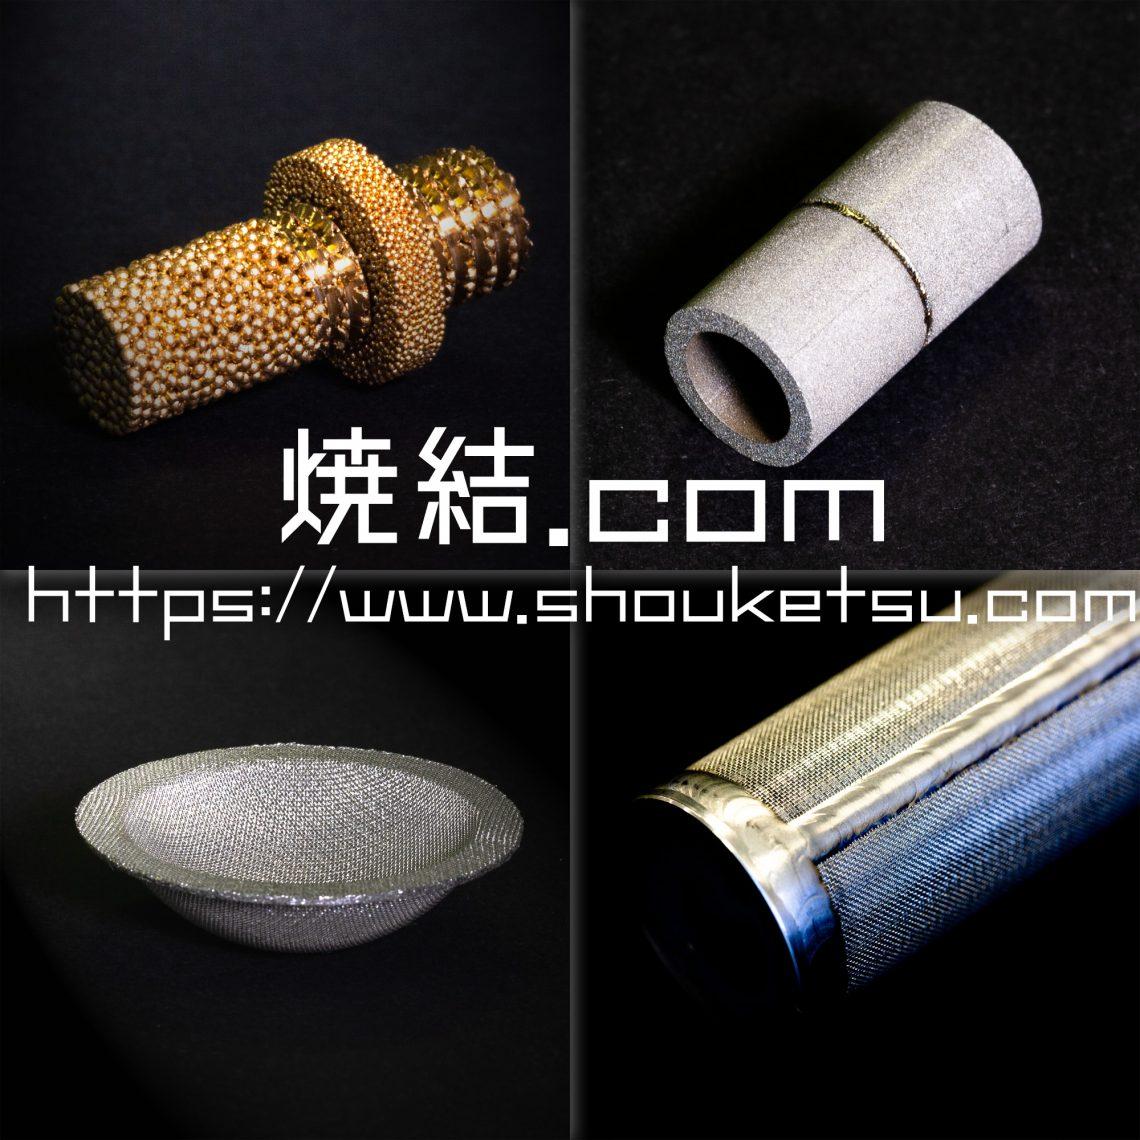 焼結金属の加工